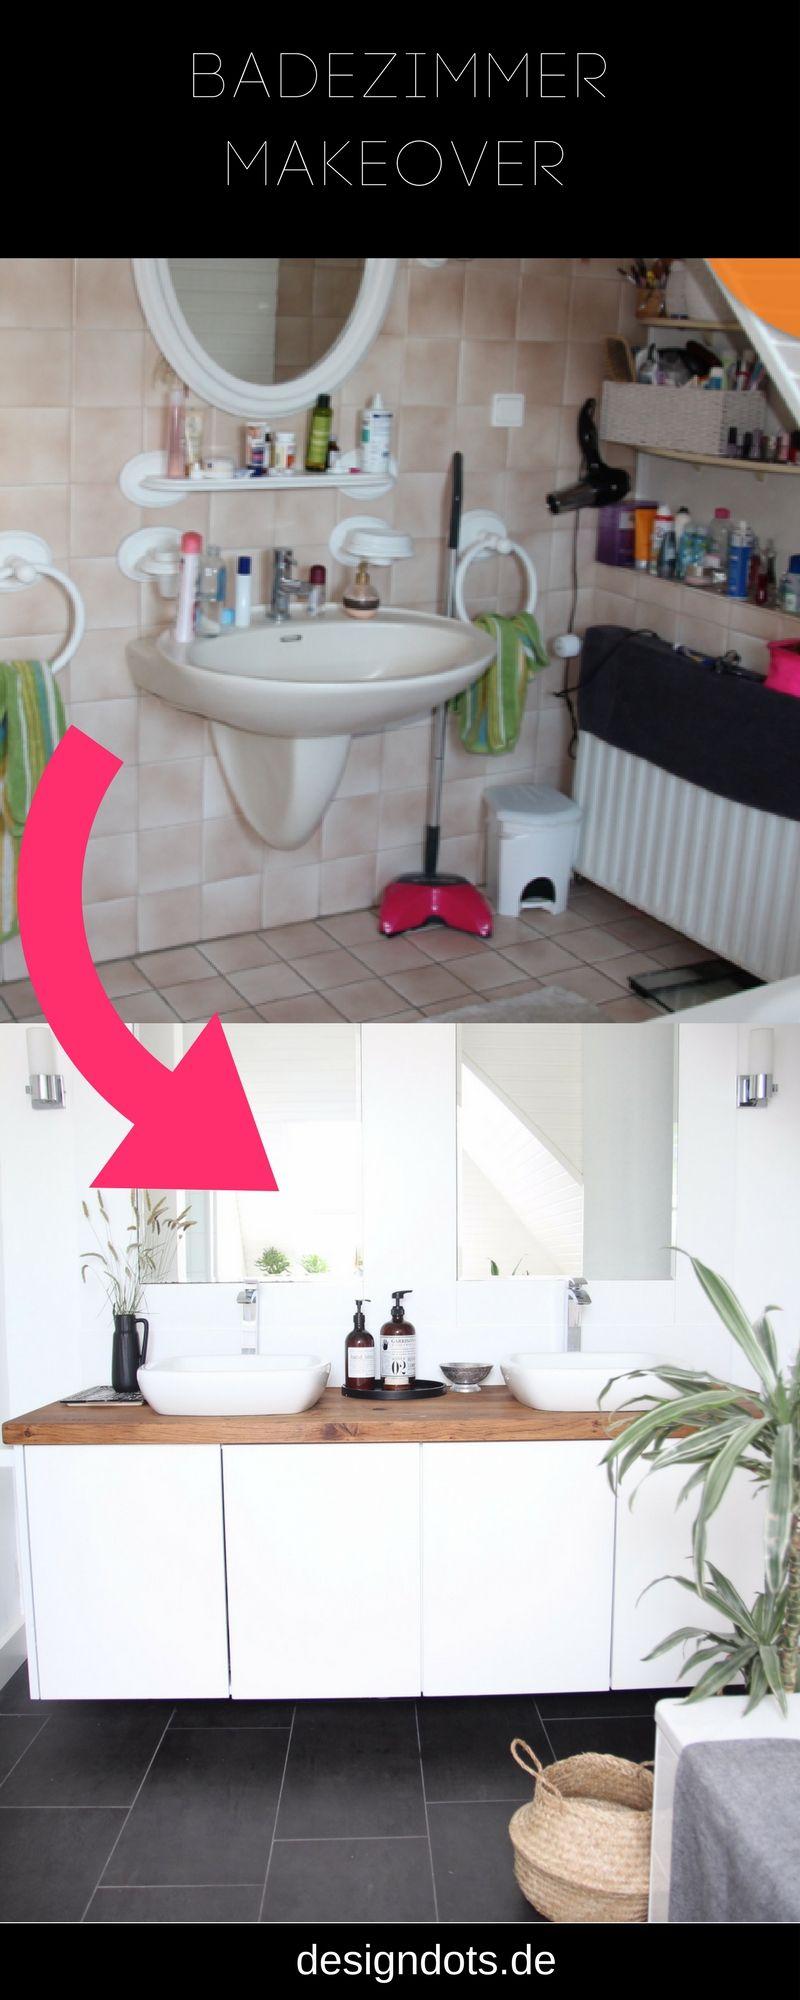 Badezimmer Selbst Renovieren Badezimmer Renovieren Renovieren